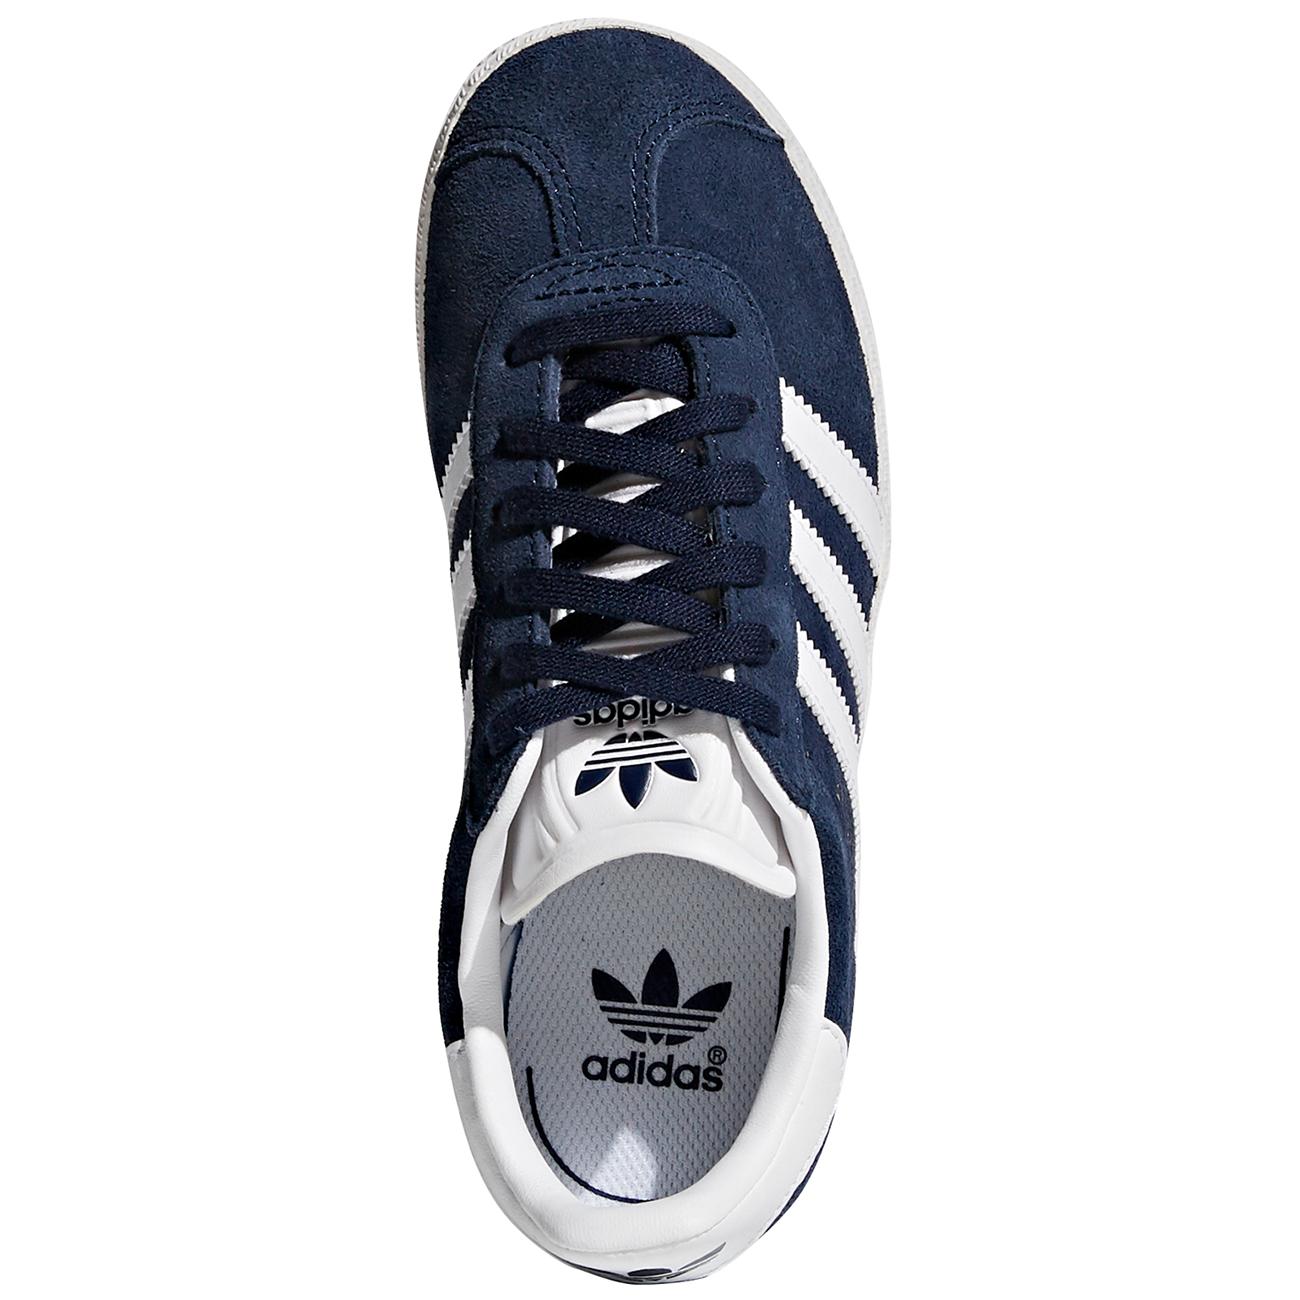 Adidas Sneaker : Adidas sko | Køb Adidas produkter online på